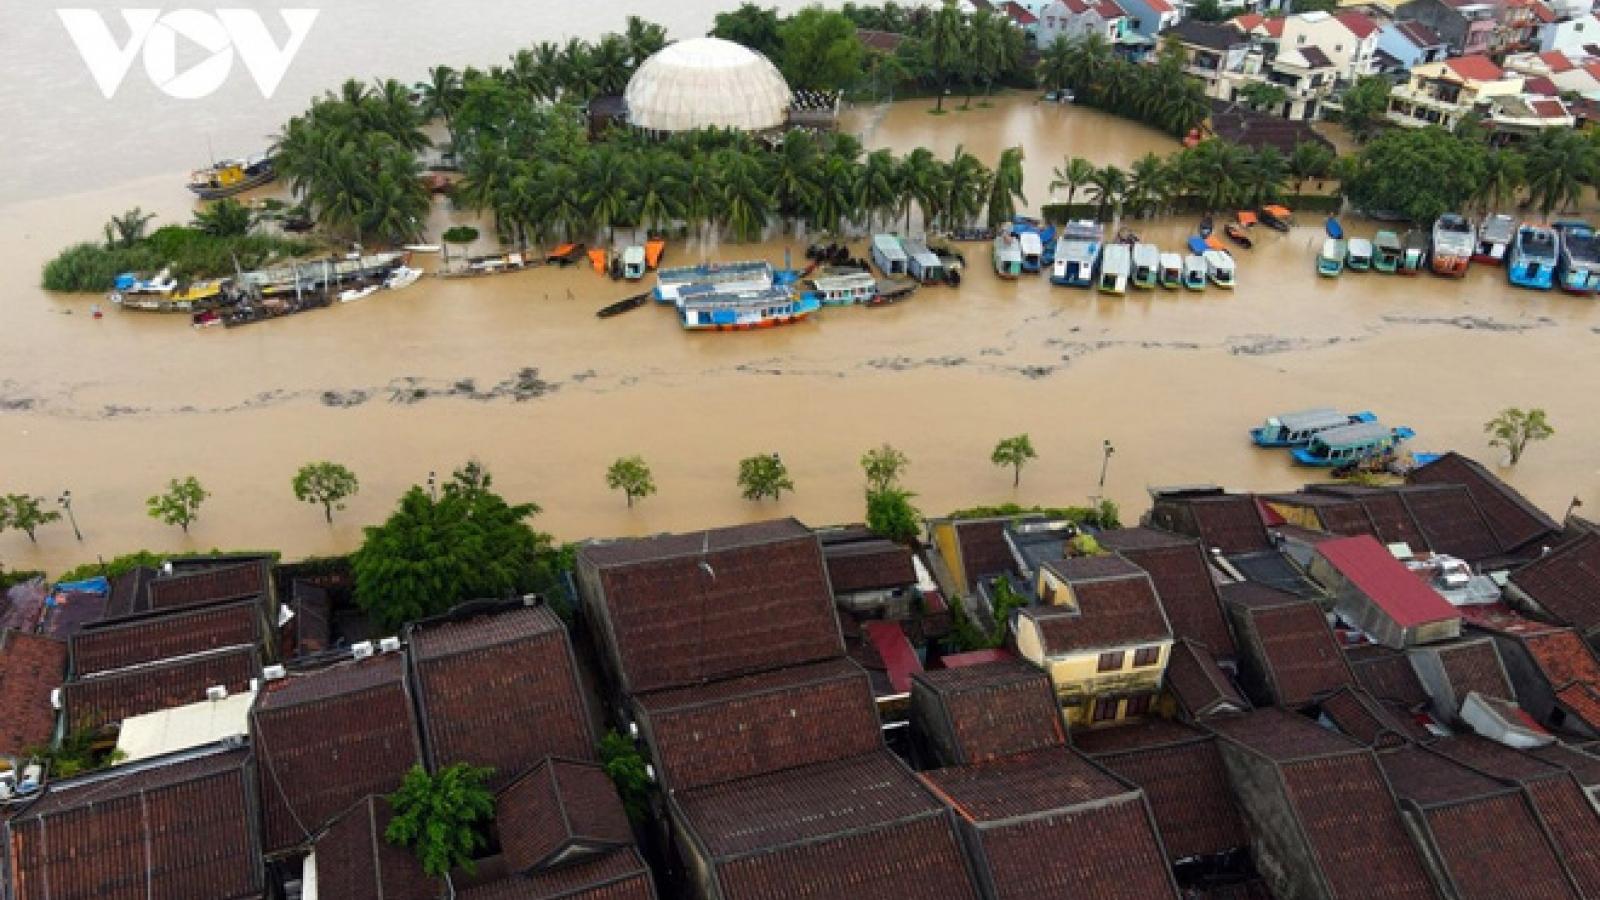 Các Bộ trưởng Ngoại giao ASEAN ra Tuyên bố về tình hình lũ lụt và sạt lở đất